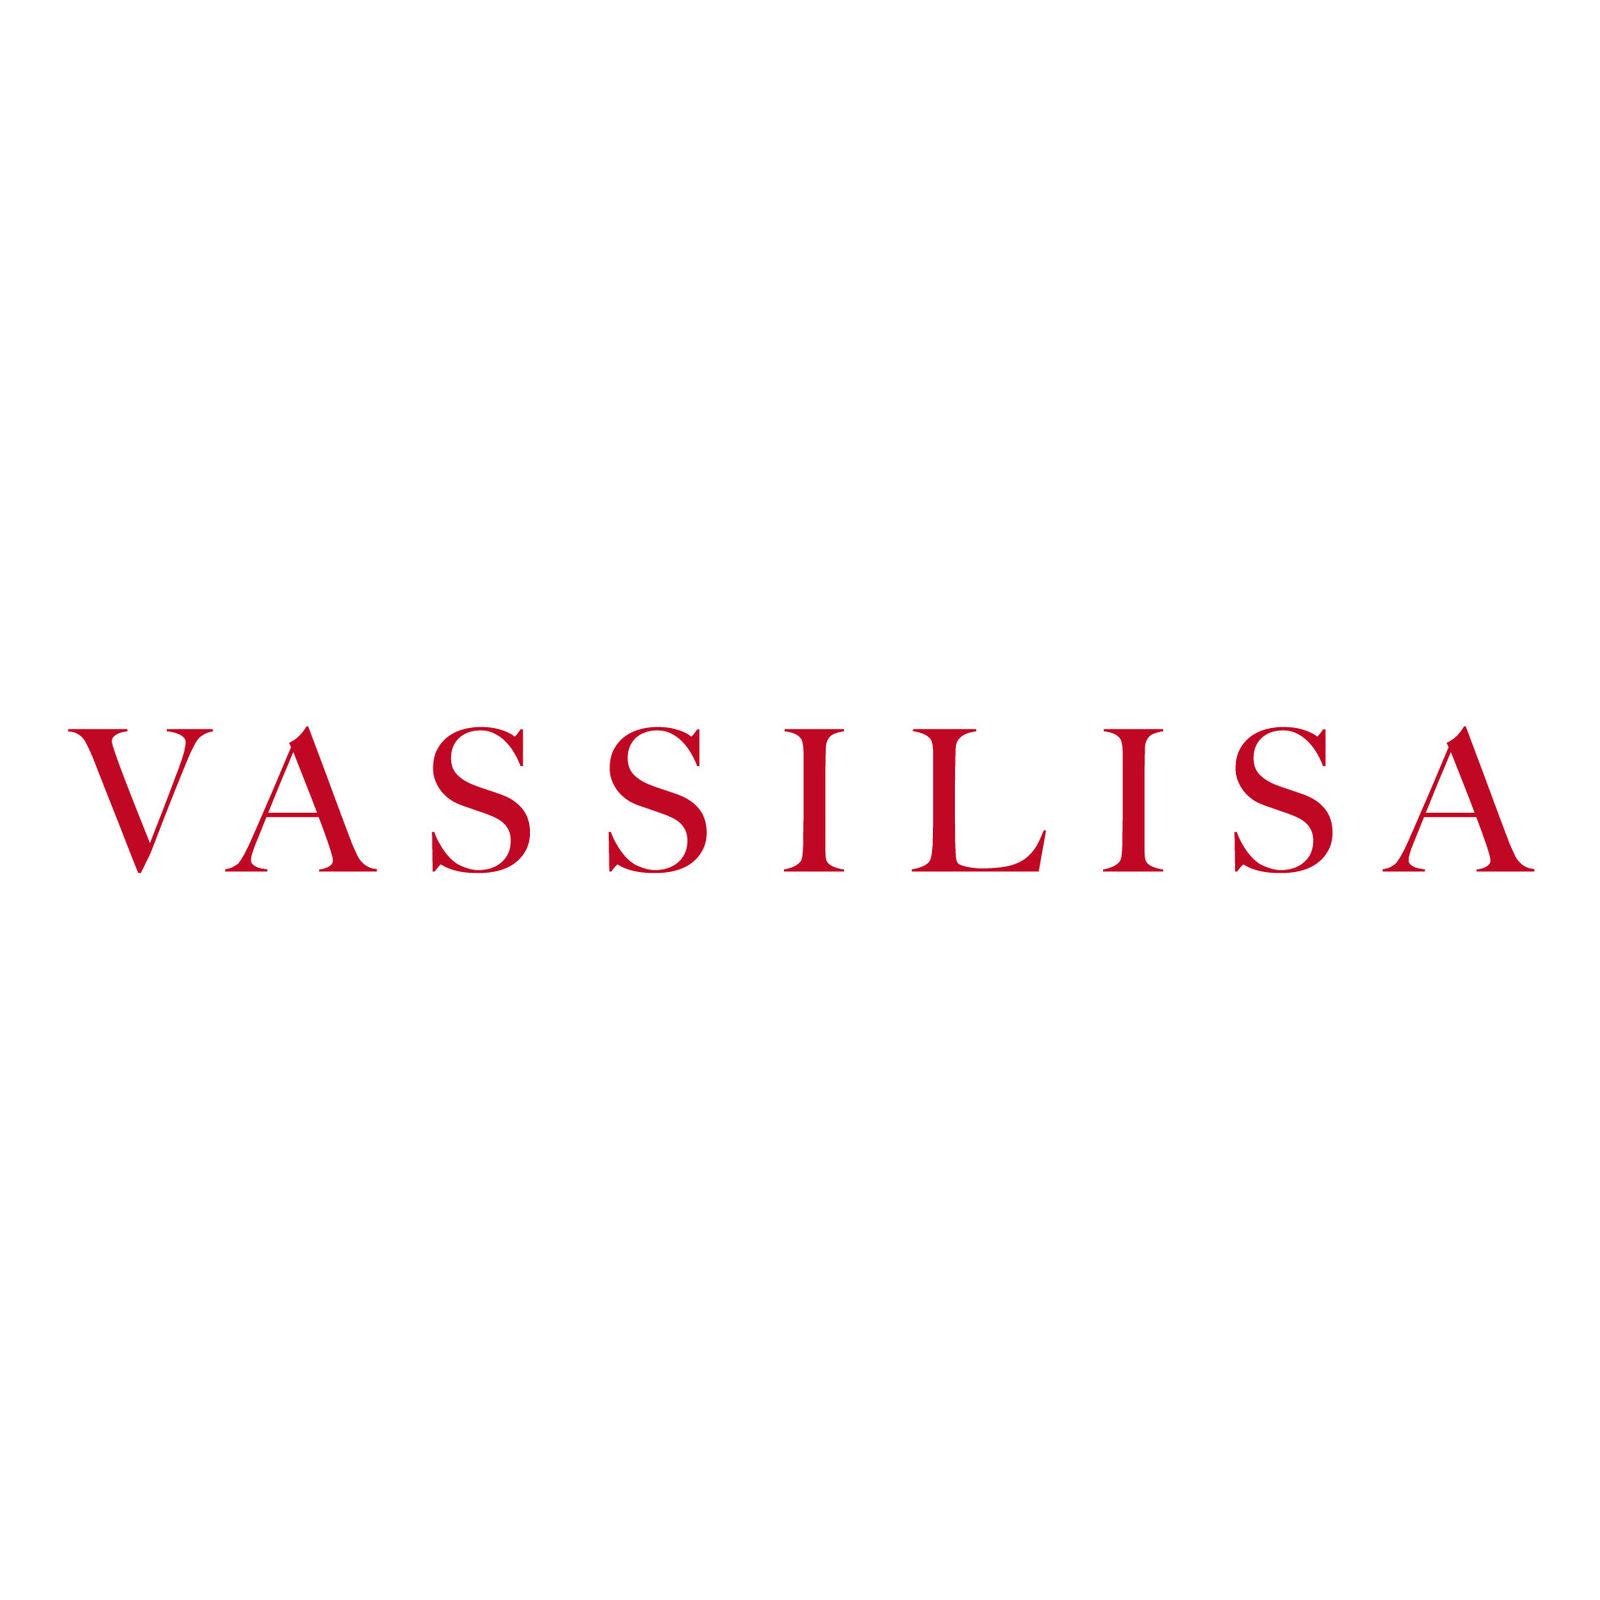 VASSILISA (Image 1)